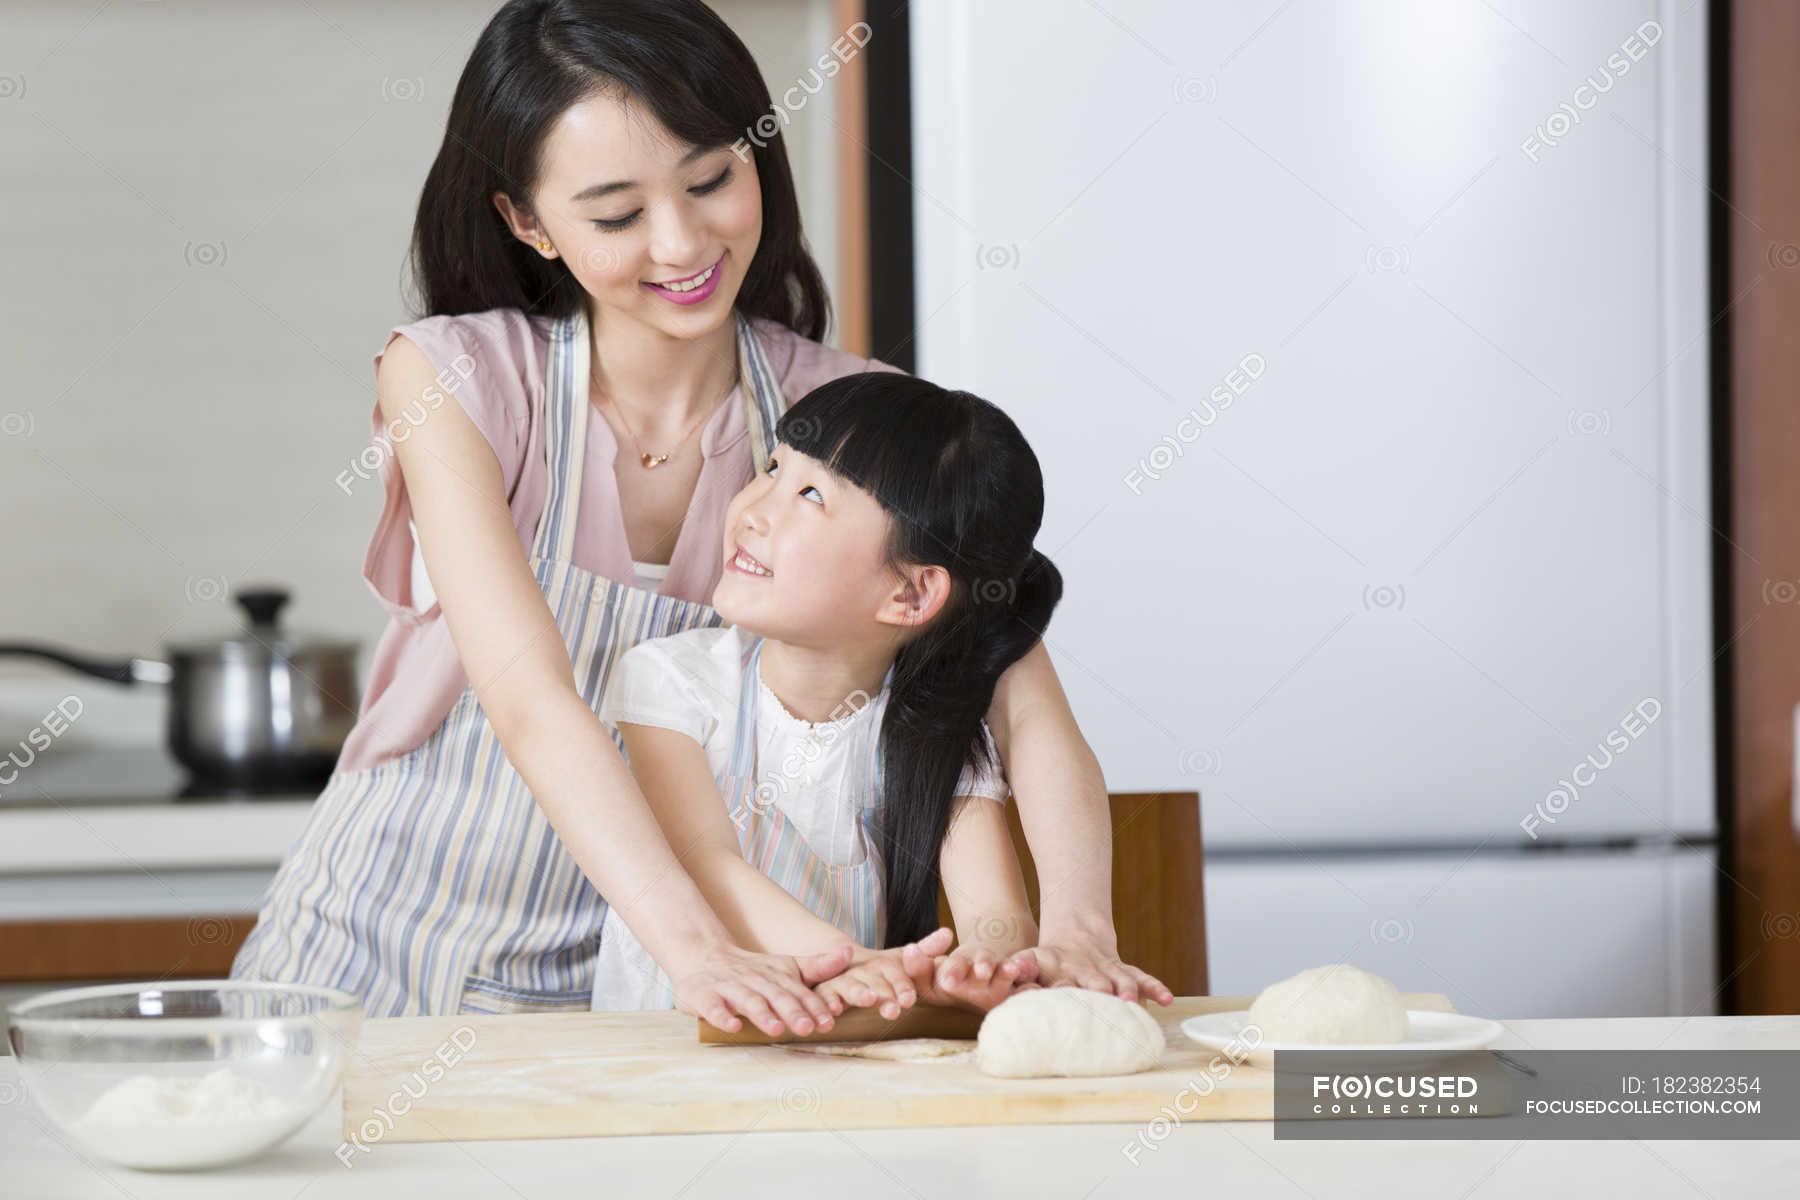 Японские шоу отец и дочь онлайн, Японское порно шоу отец должен отгадать дочь 10 фотография